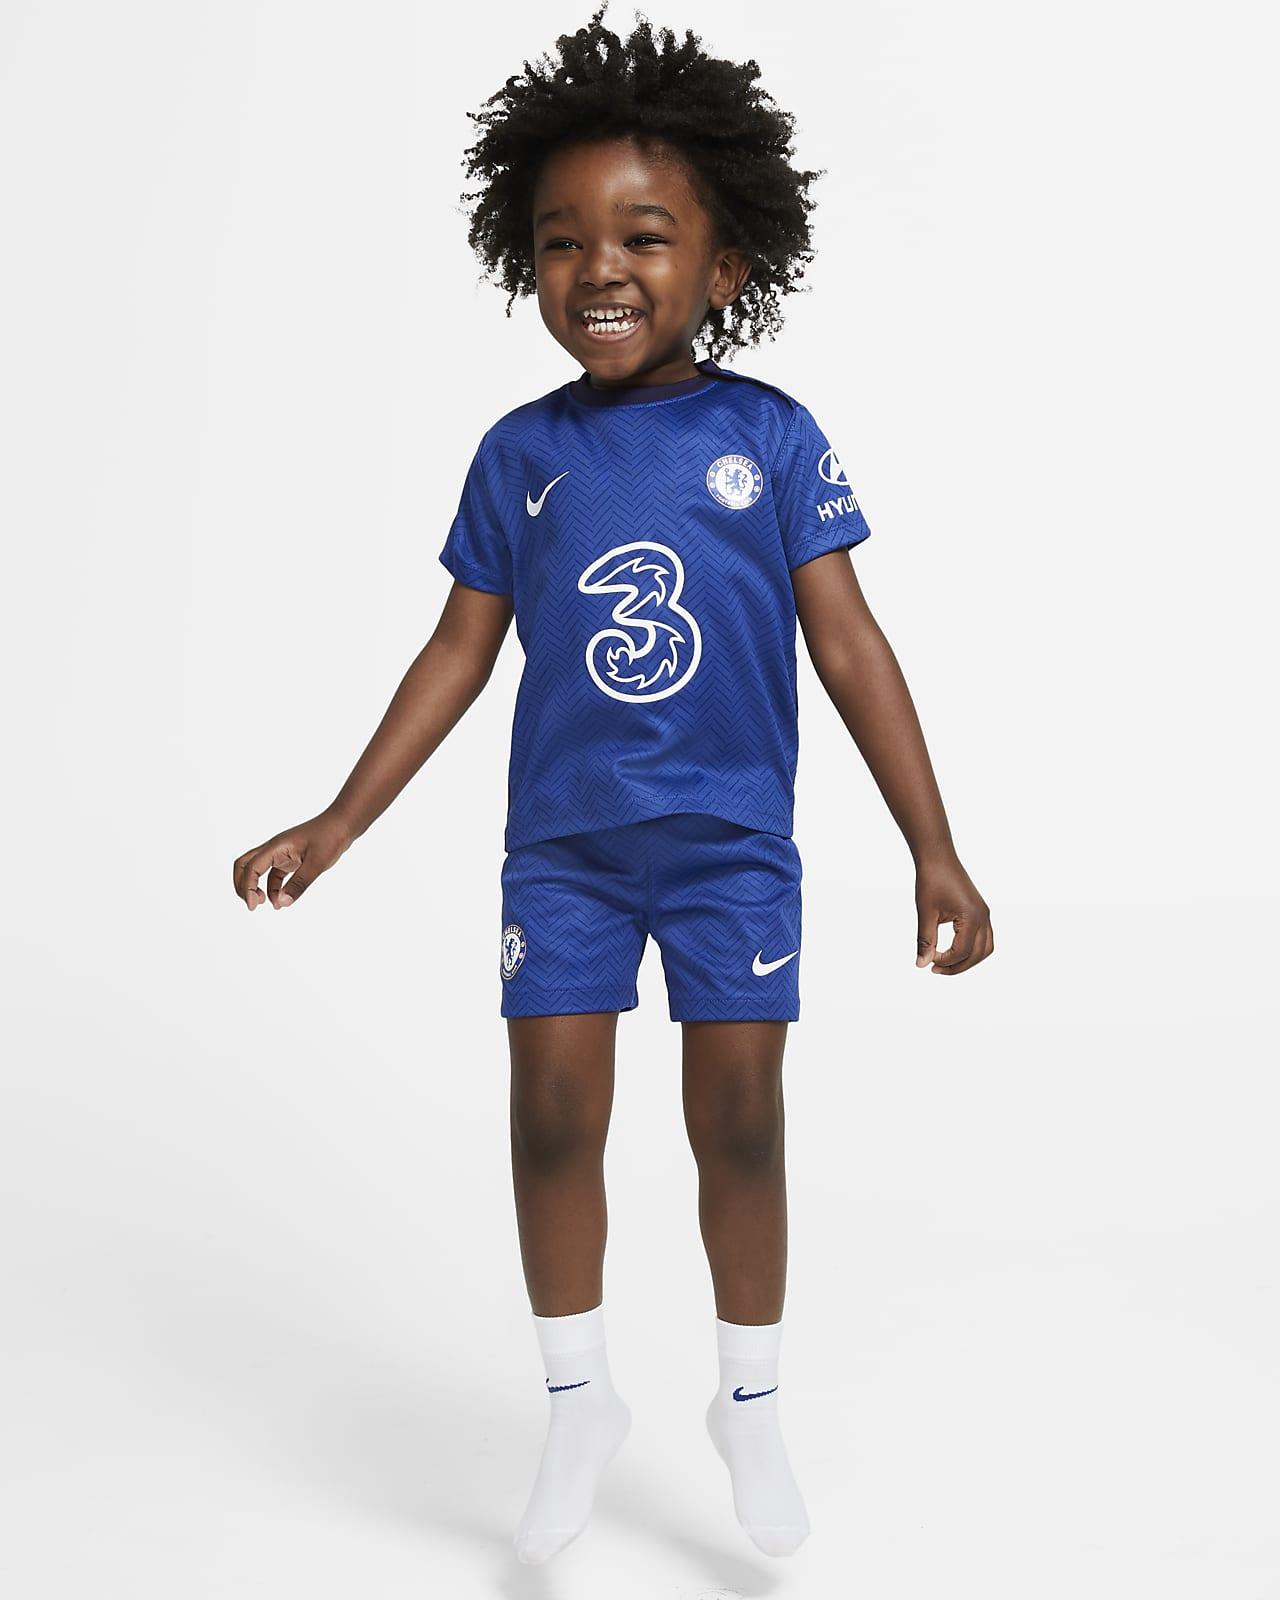 Primera equipació Chelsea FC 2020/21 Equipació de futbol - Nadó i infant